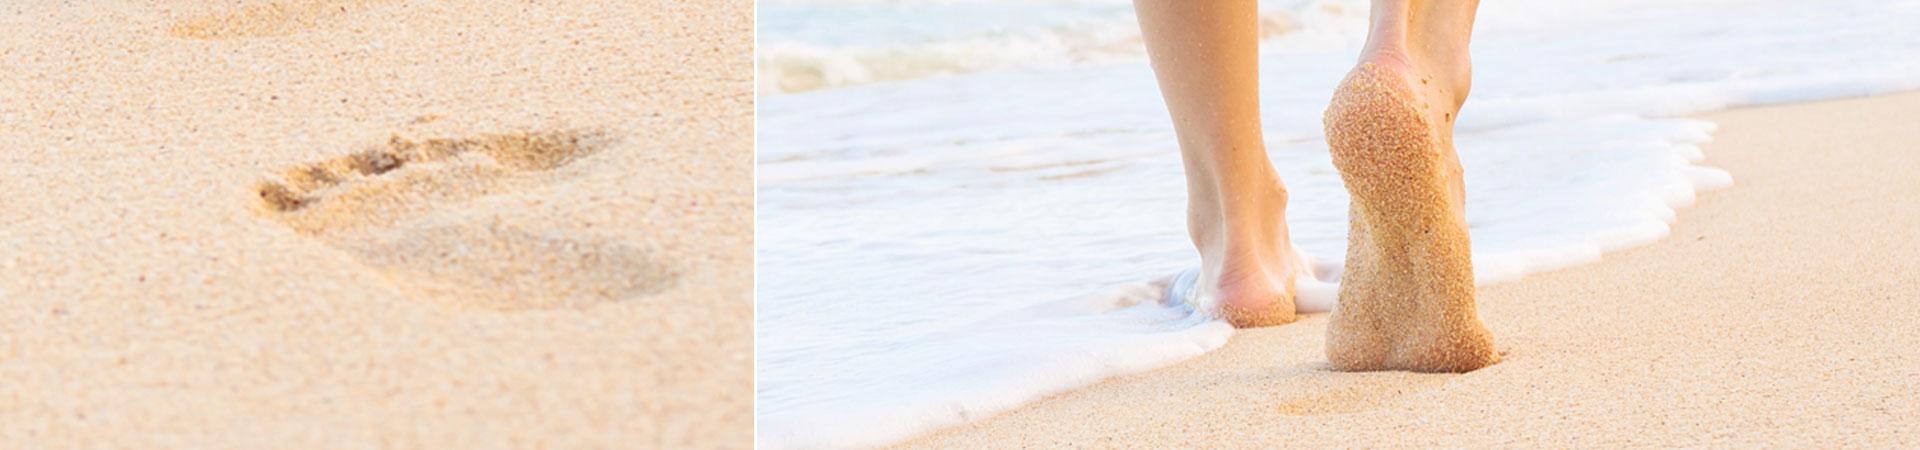 Walking on sandstrand